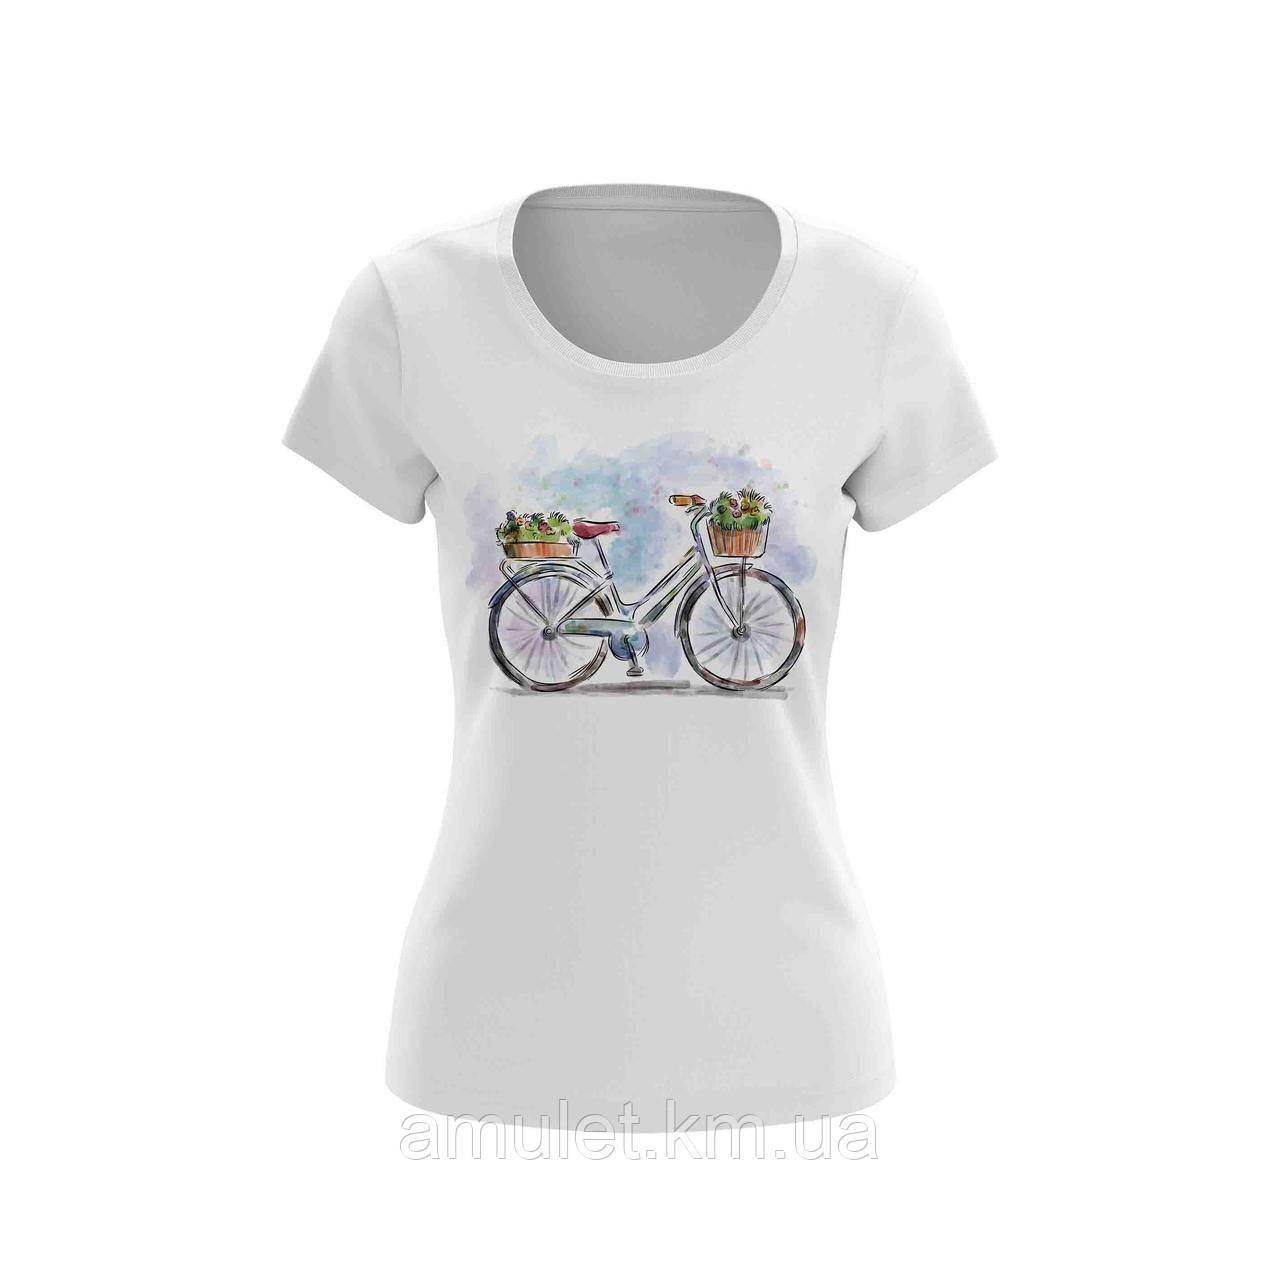 """Футболка женская белая с рисунком """"Велосипед с корзиной"""""""